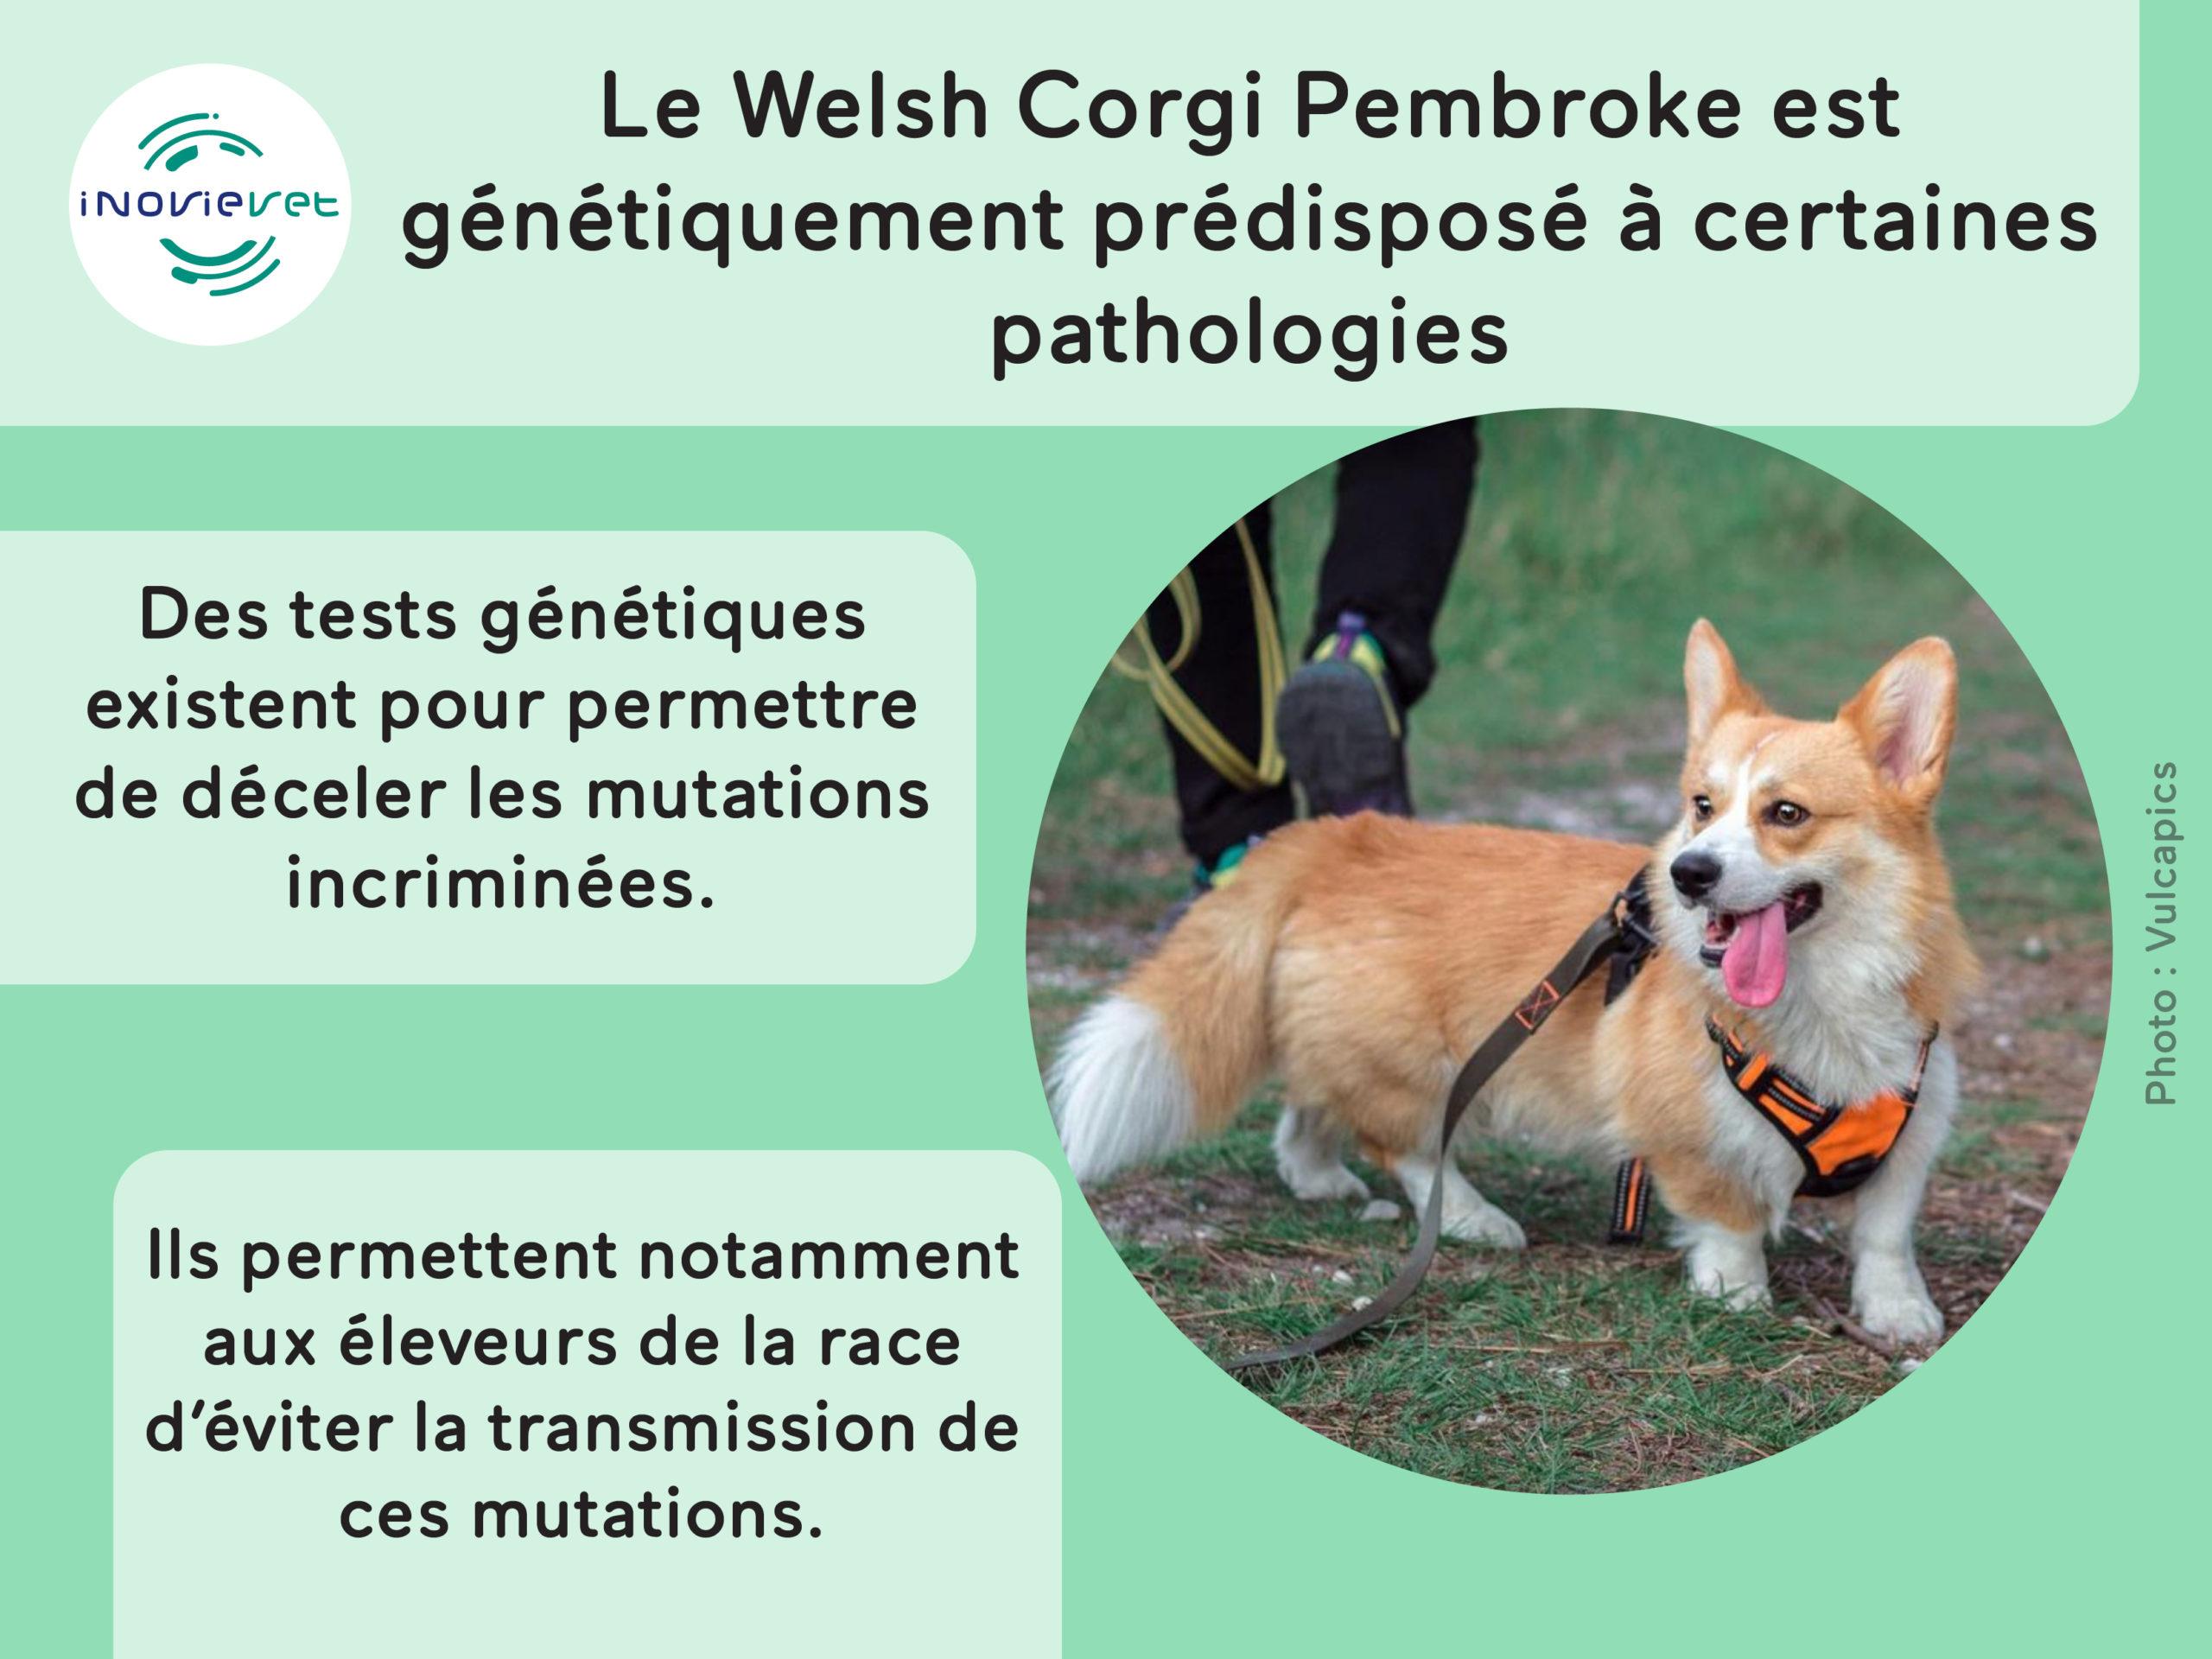 Prédispositions du welsh corgi pembroke